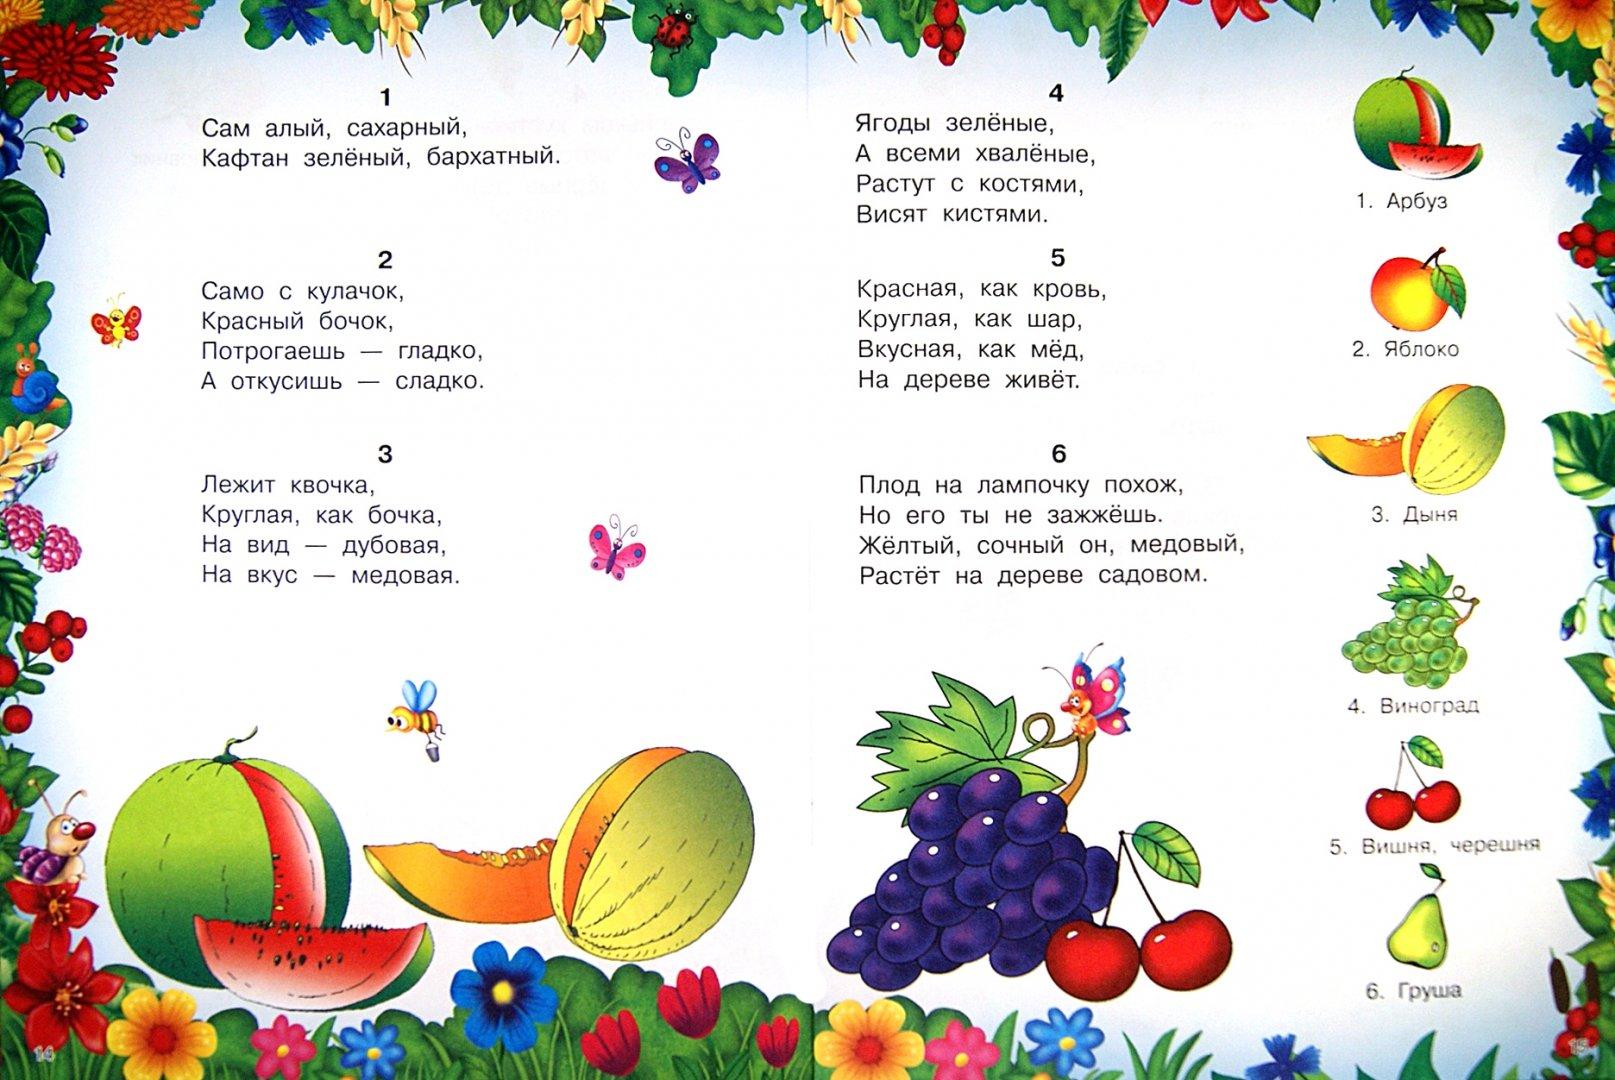 Иллюстрация 1 из 7 для Загадки - Валентина Дмитриева   Лабиринт - книги. Источник: Лабиринт